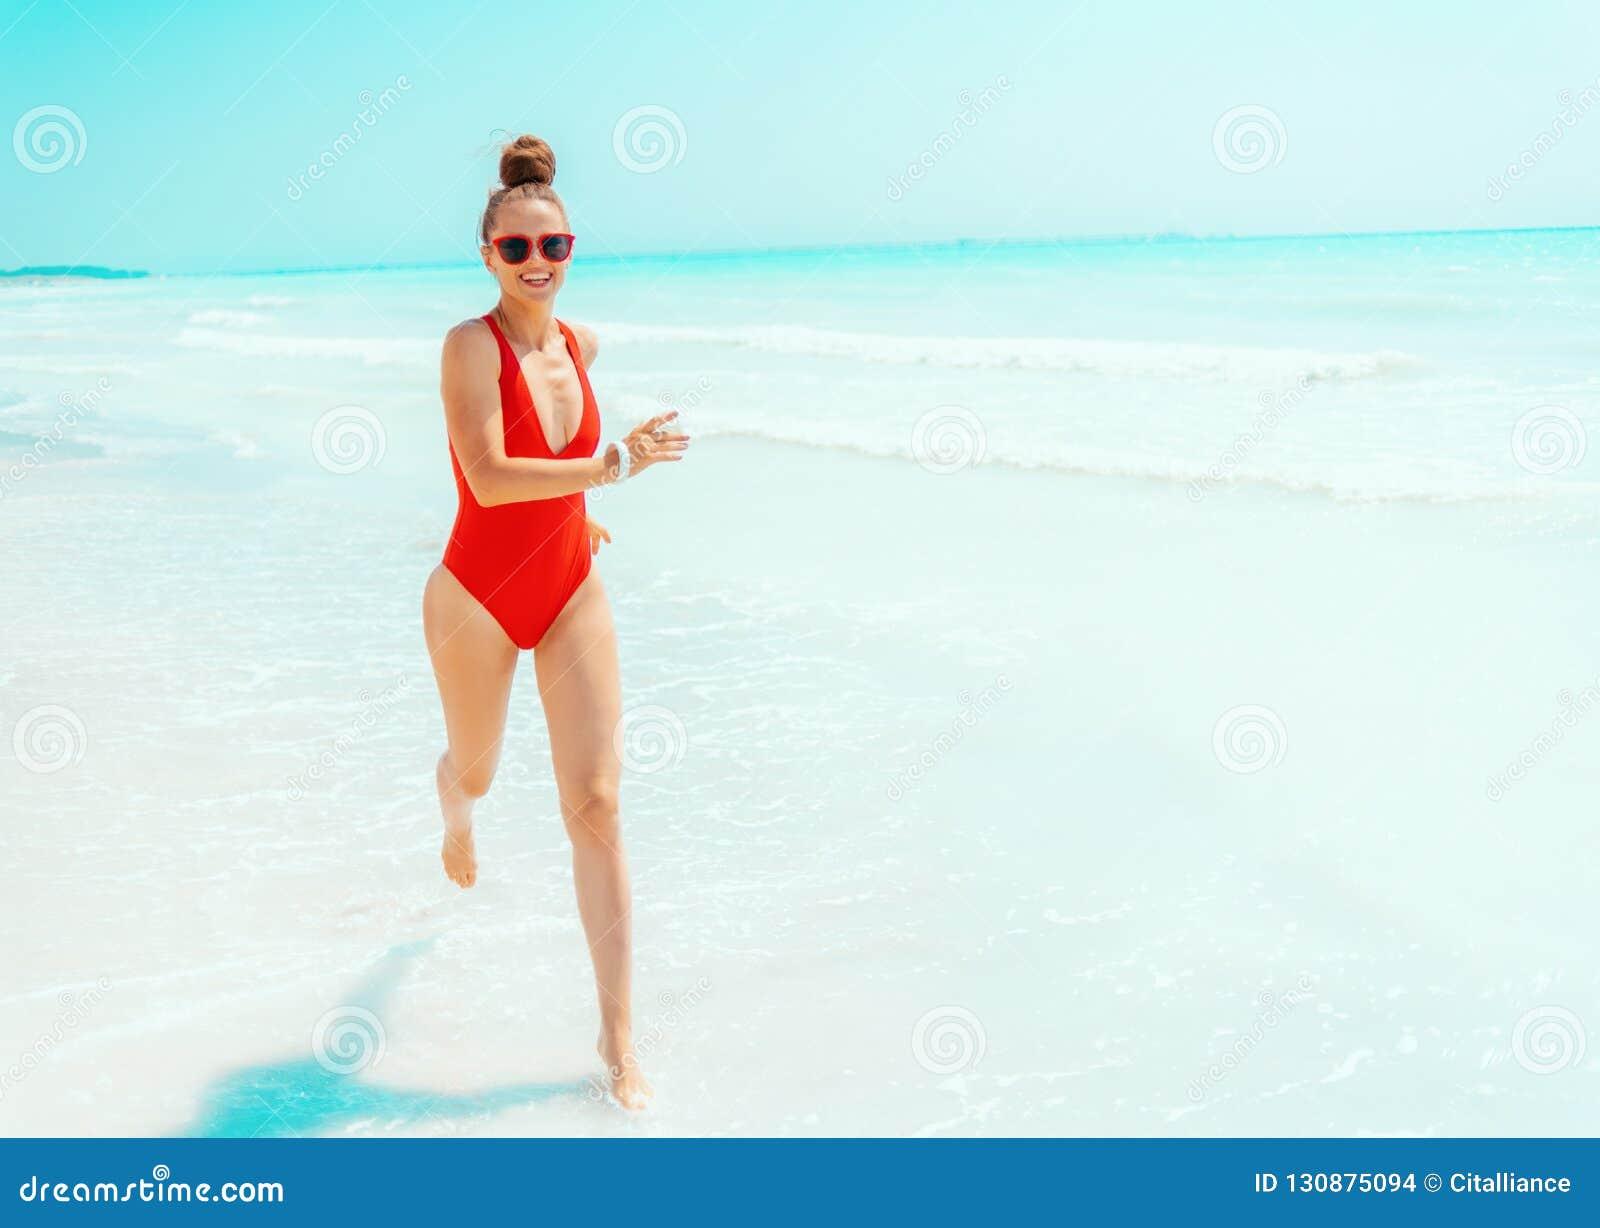 Glückliche junge Frau in der roten Badebekleidung auf Küstenbetrieb